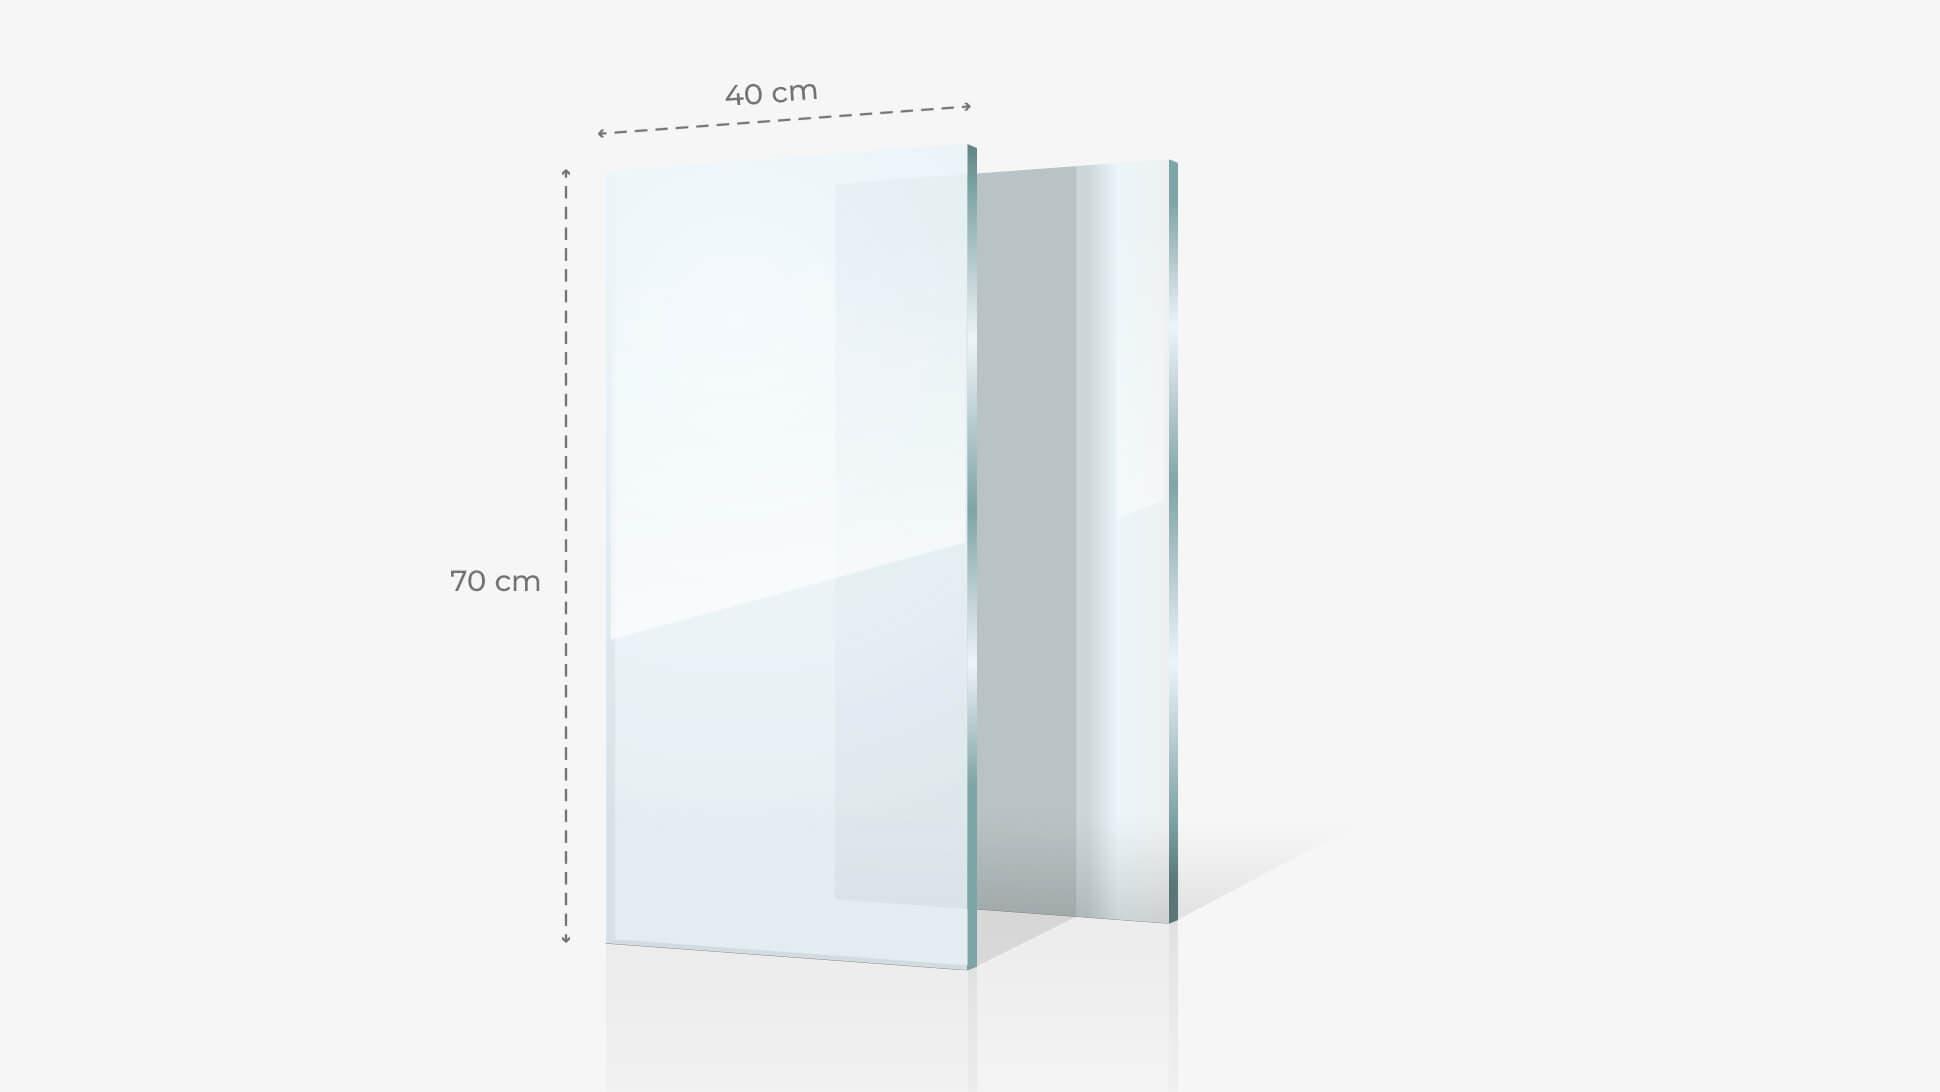 Foto su vetro acrilico 40x70 cm | tictac.it